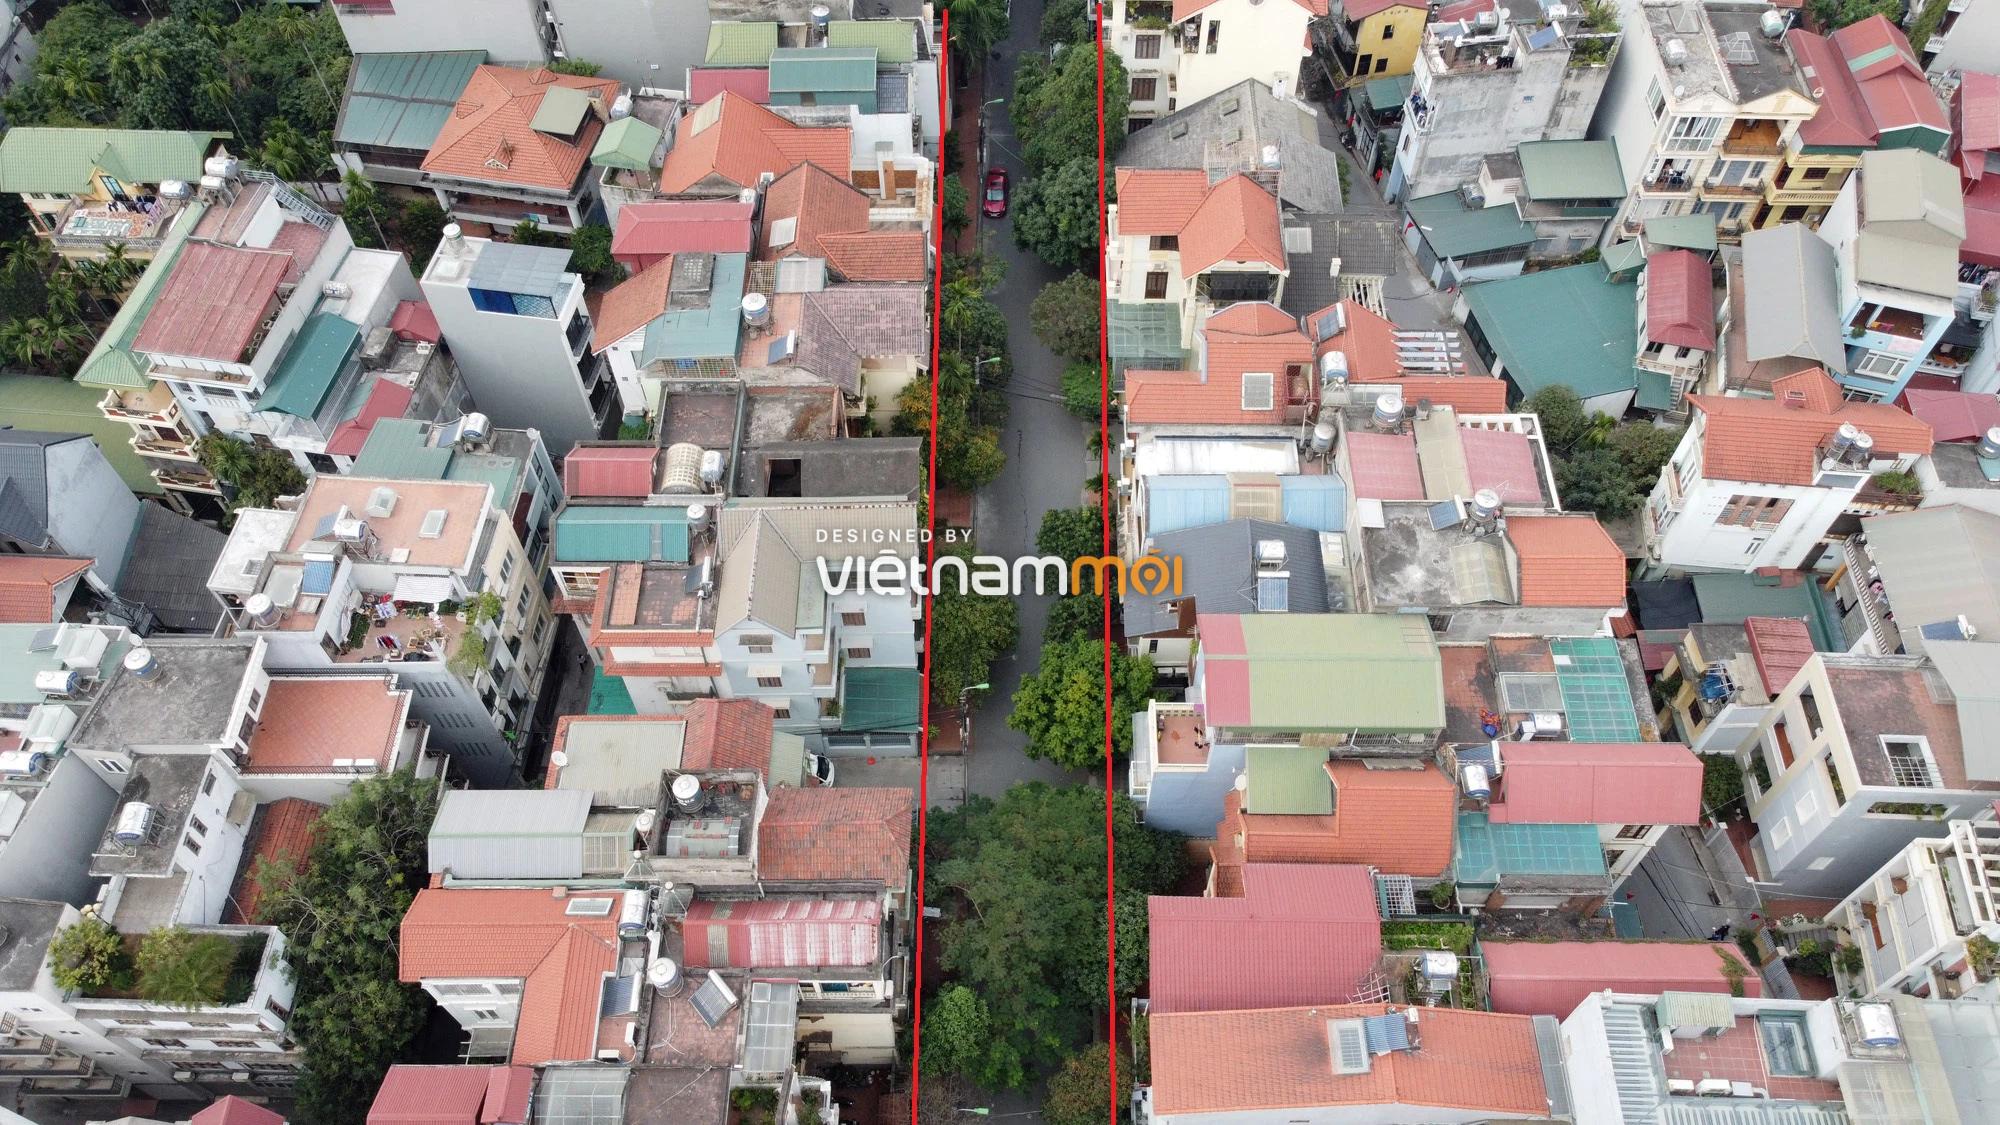 Những khu đất sắp thu hồi để mở đường ở phường Bồ Đề, Long Biên, Hà Nội (phần 1) - Ảnh 9.